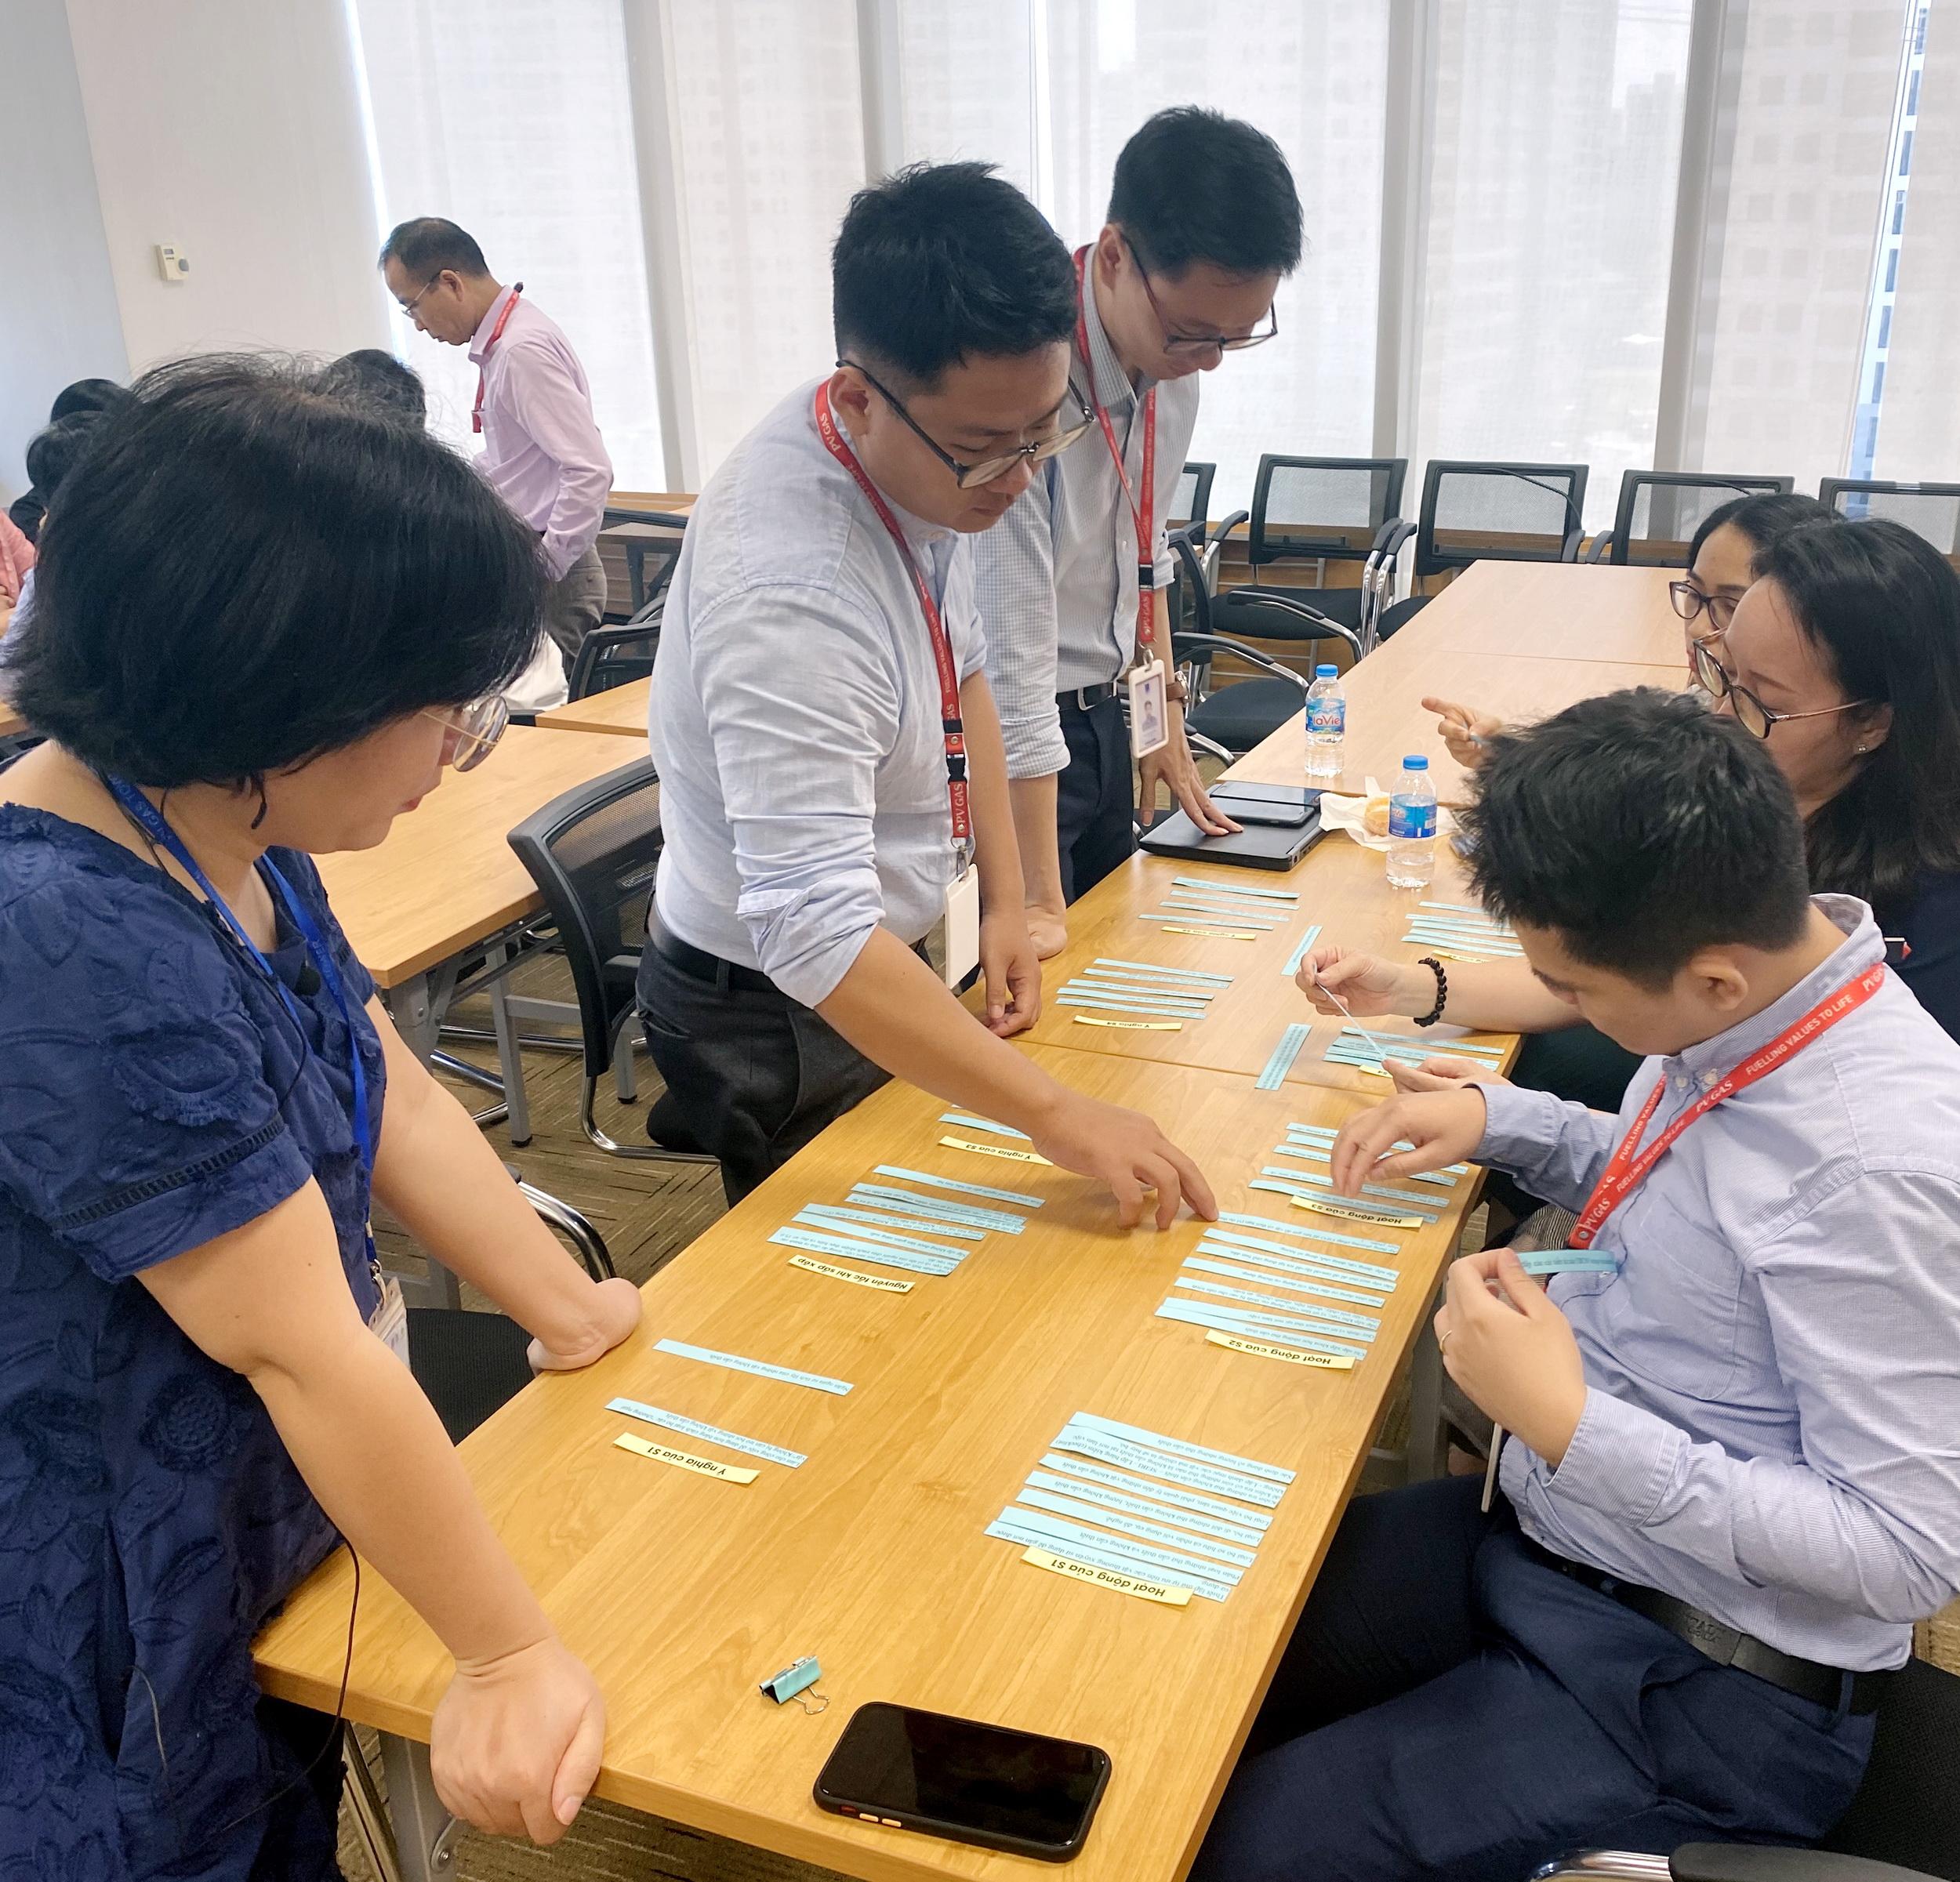 Tổ chức học và triển khai chương trình 5S tại Cơ quan Điều hành PV GAS